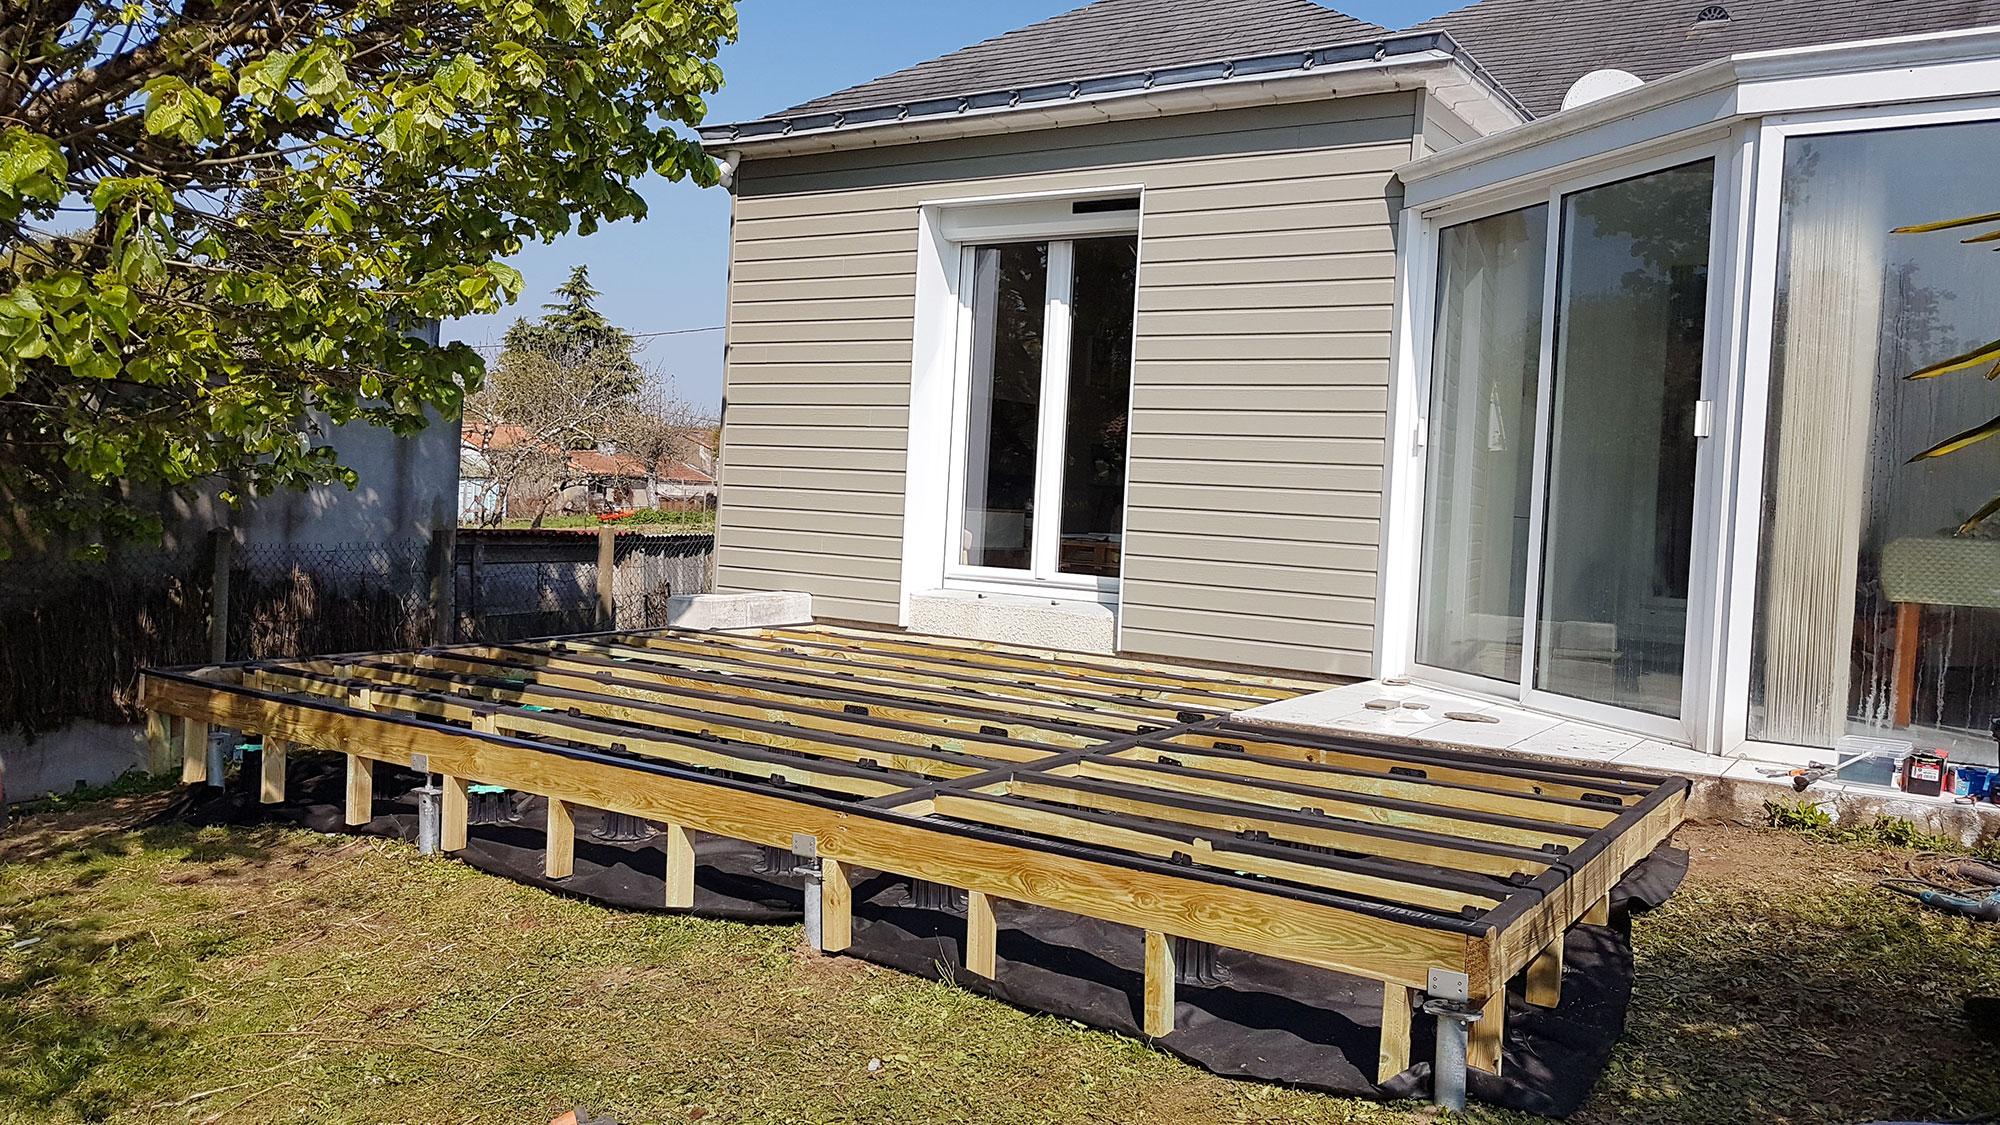 Comment faire une terrasse bois tendance bardage terrasse - Comment realiser une terrasse en bois ...